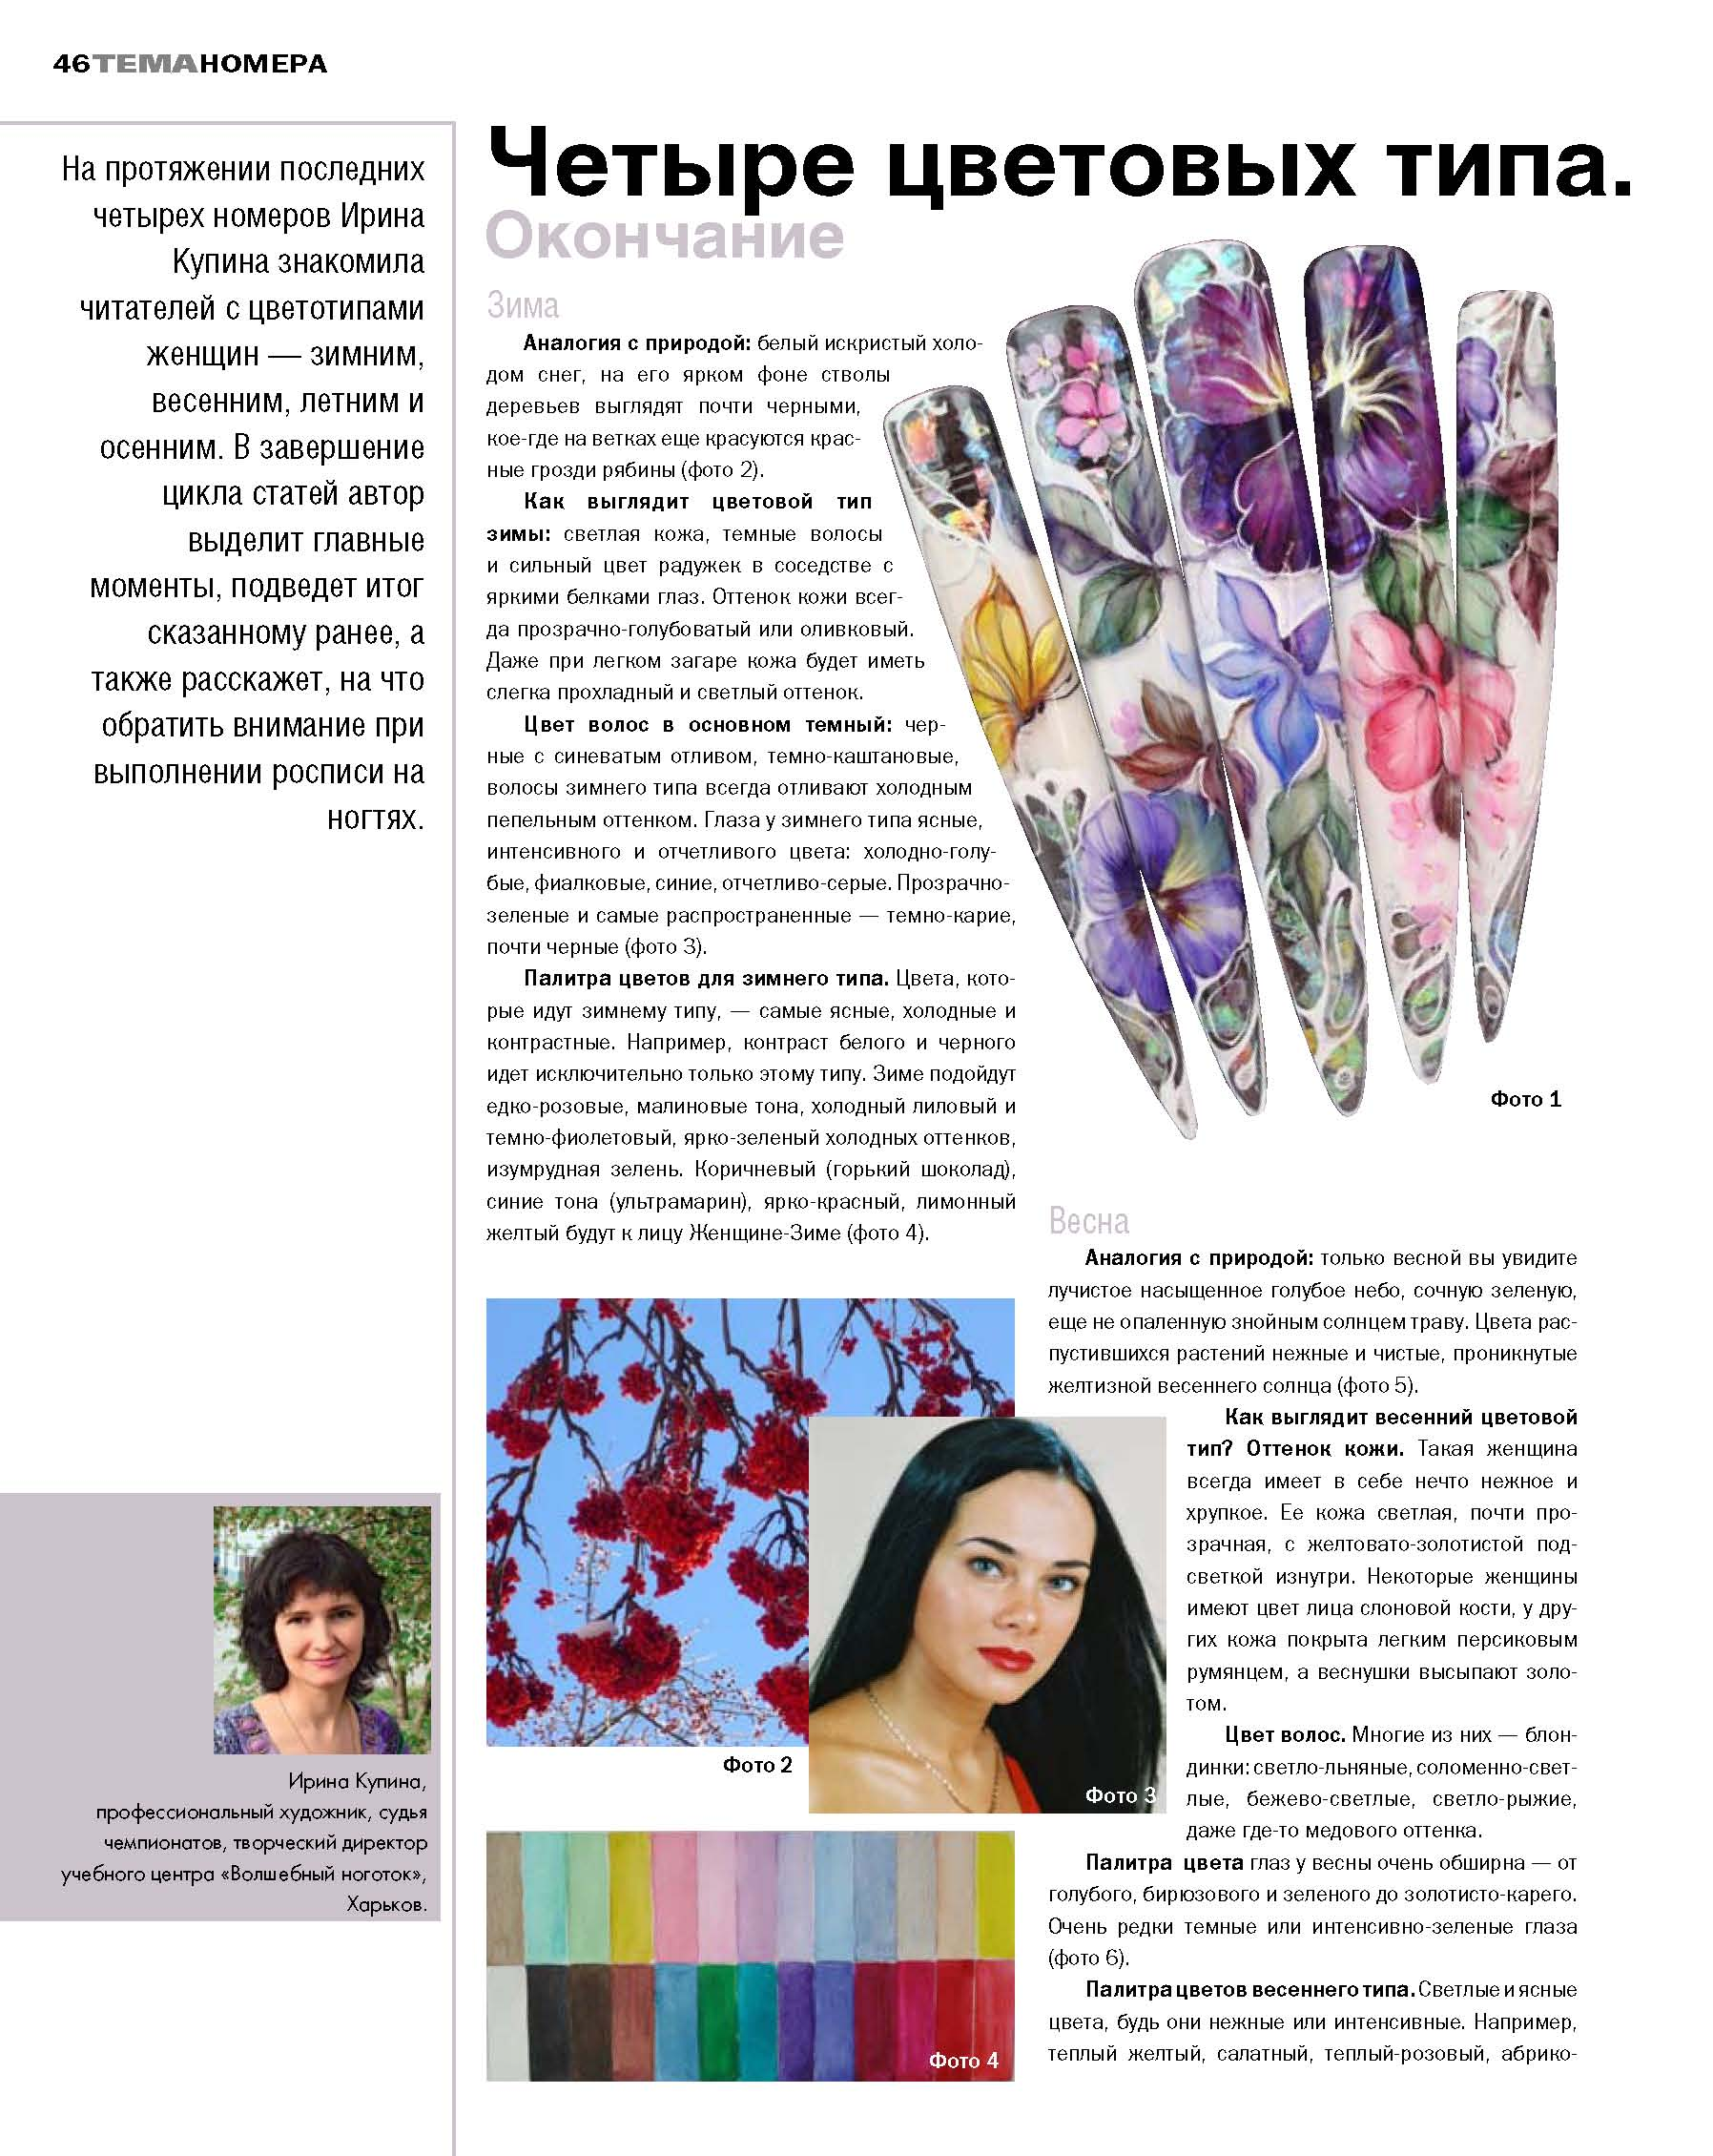 Серия из четырёх публикаций  Четыре цветовых типа женщины в журнале Nail ПРАКТИКА - ЗИМА